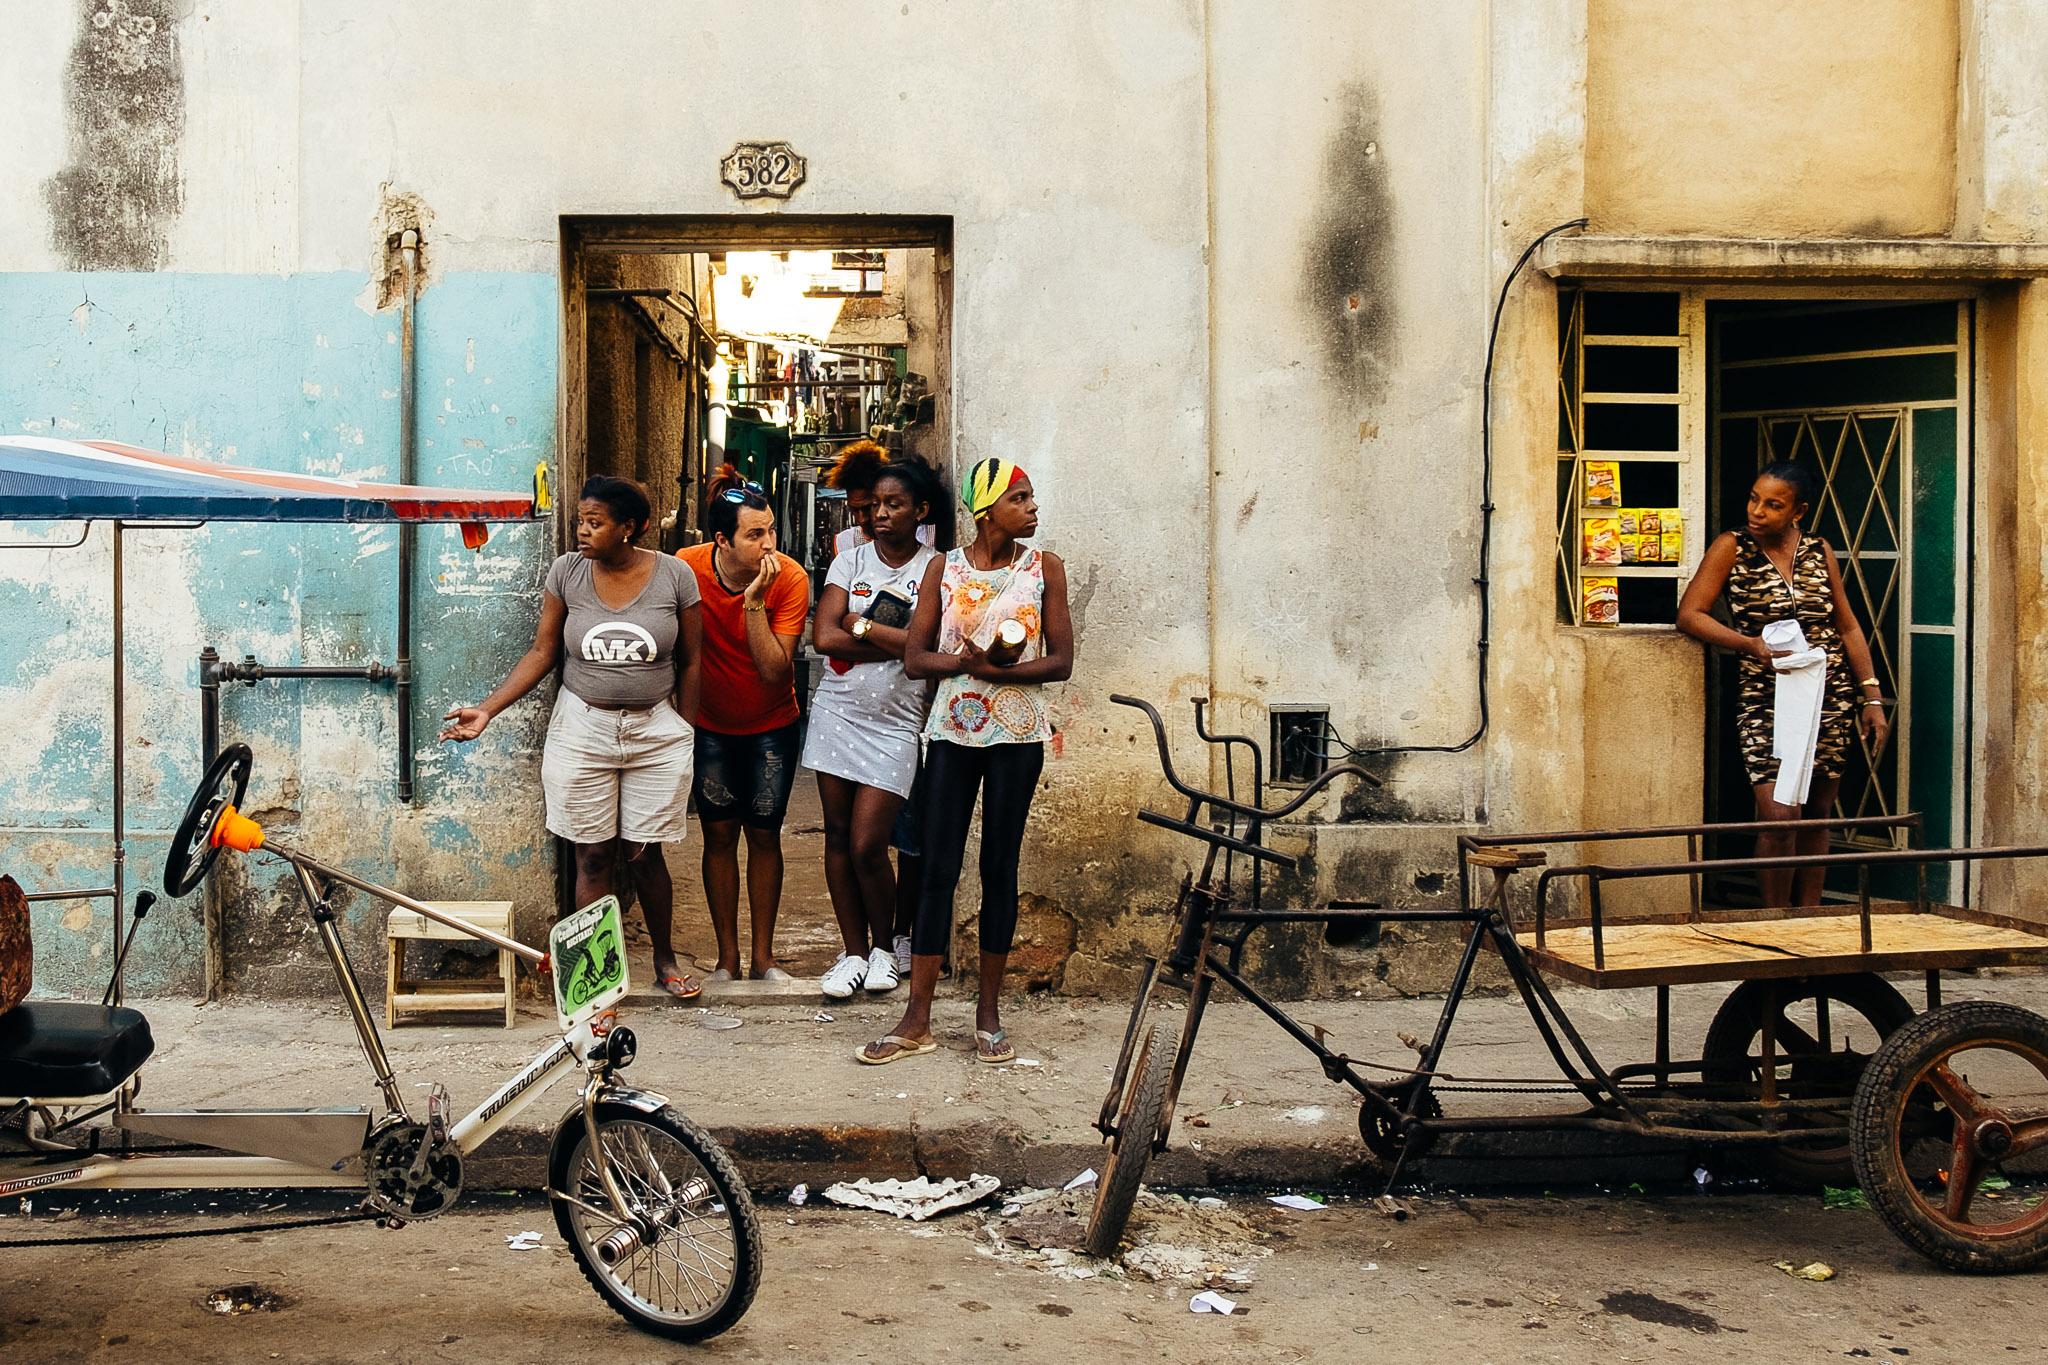 Cuba-2017-12-Havana-1275.jpg